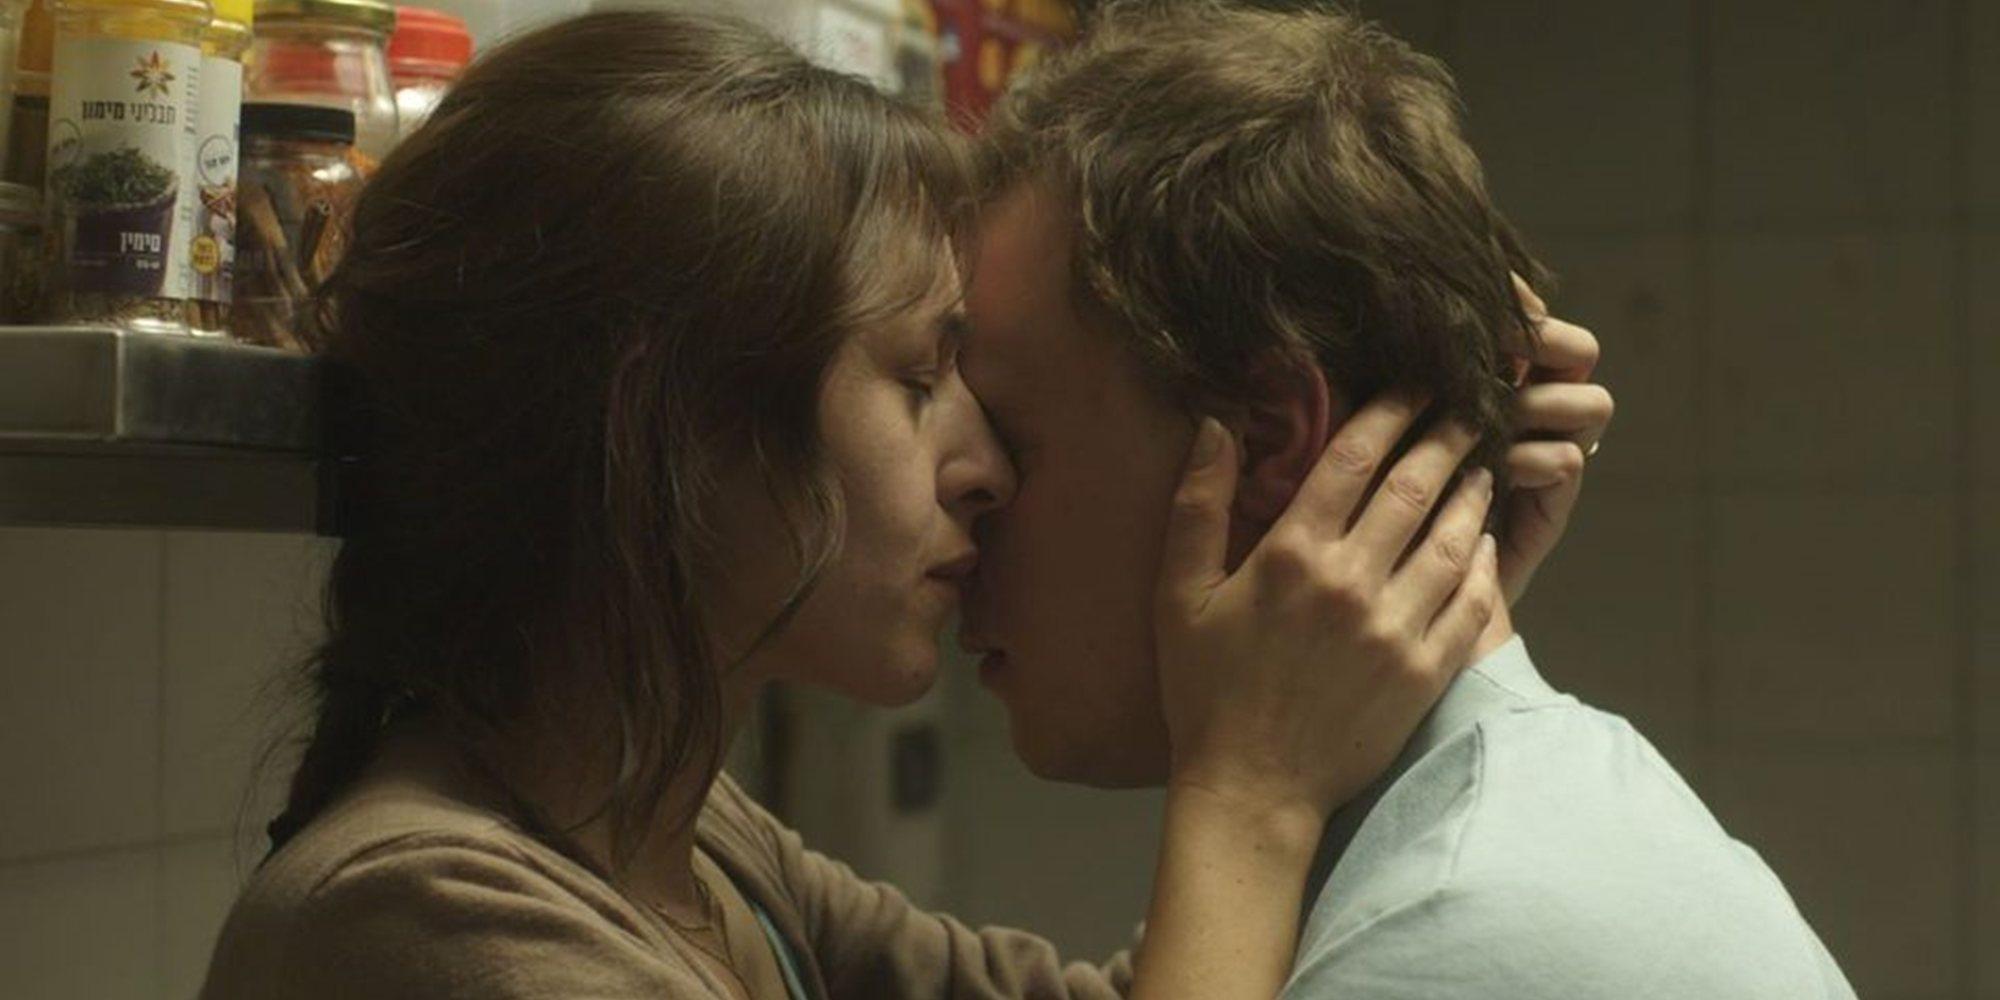 'No dormirás' y 'El repostero de Berlín' encabezan los estrenos de la semana